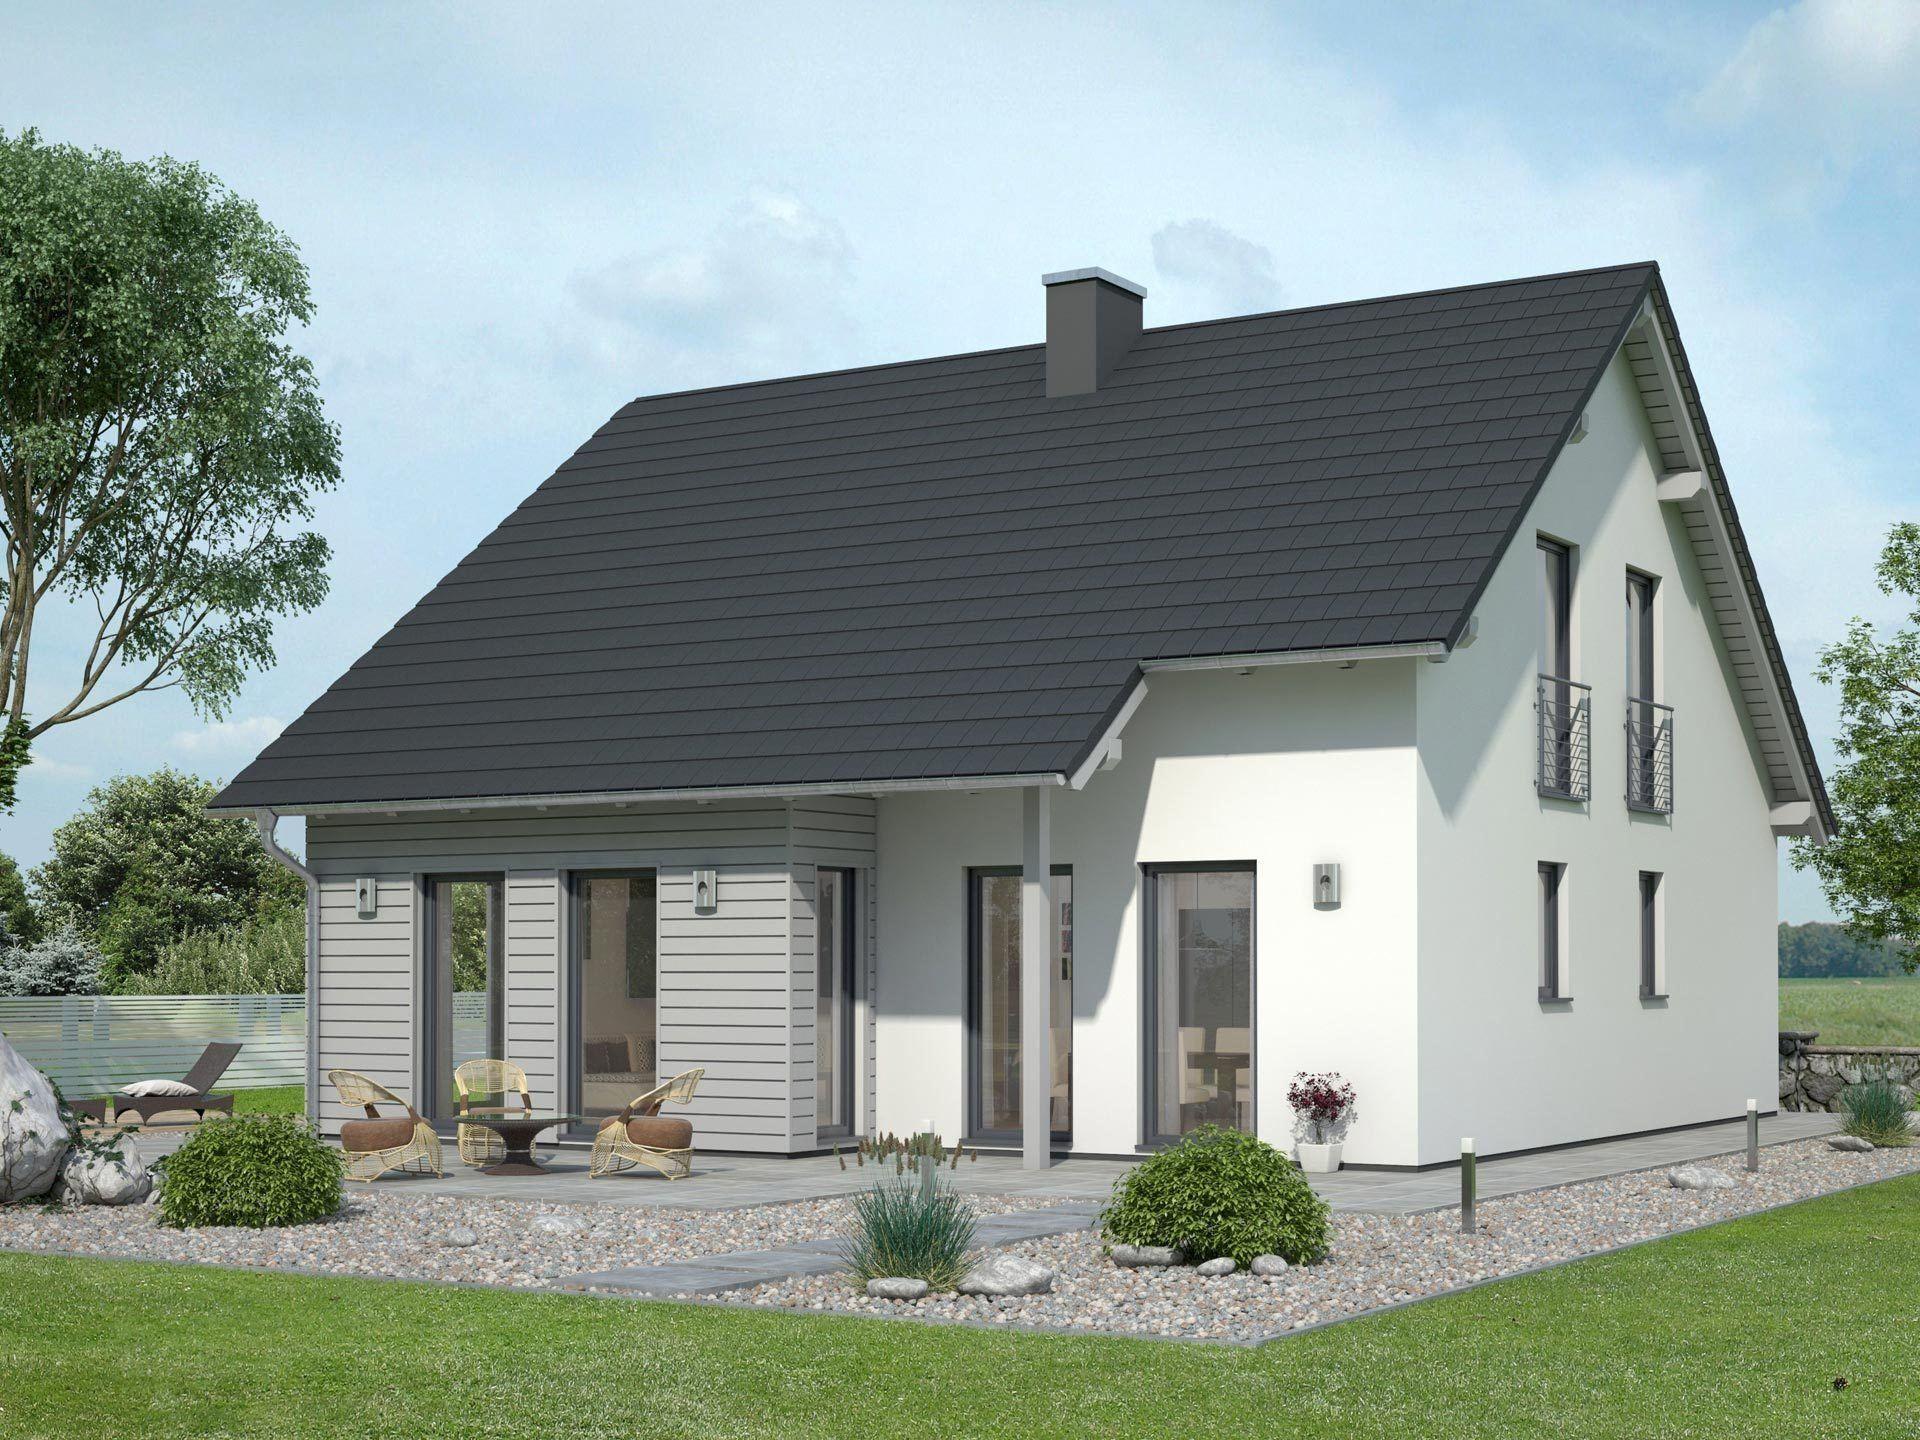 Bausatzhaus Bauen Infos Einholen Und Anbieter Finden Bausatzhaus Haus Bausysteme